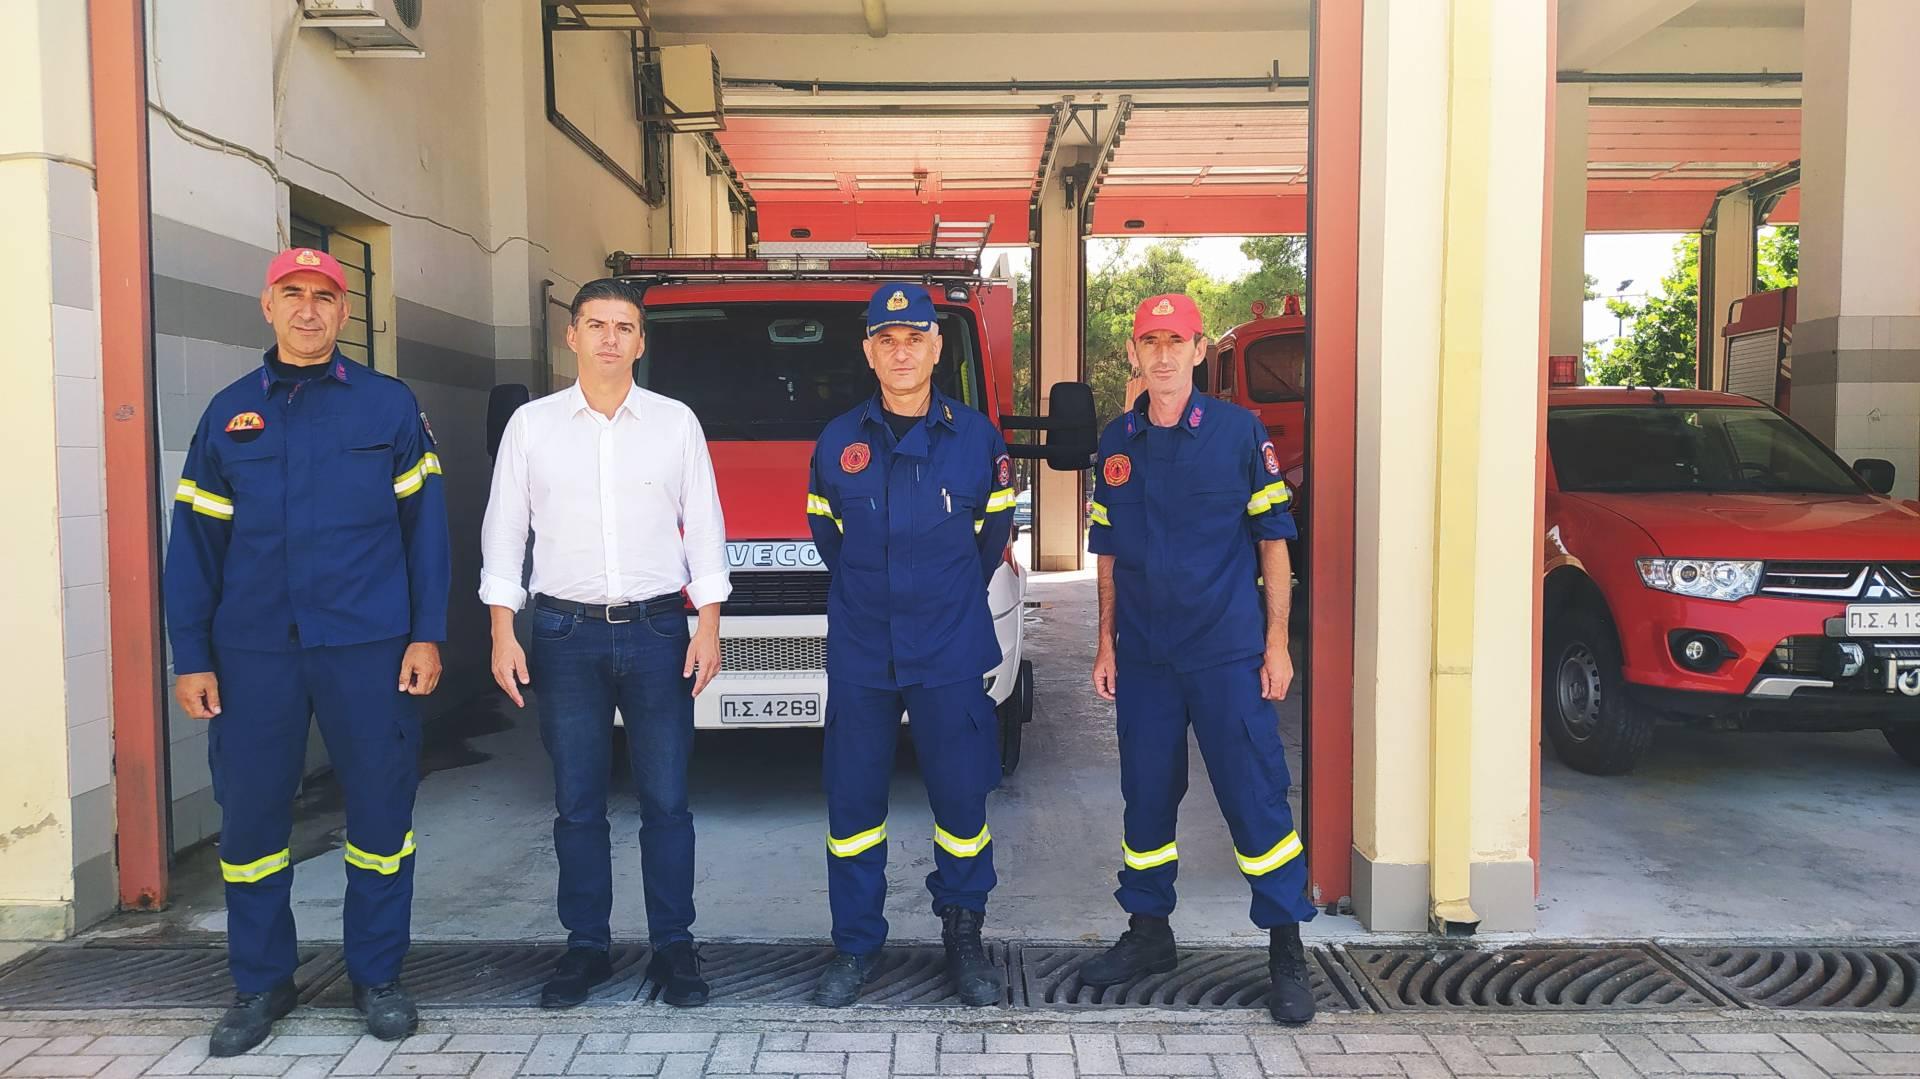 Συγχαρητήρια από τον Θανάση Παιδή στην Πυροσβεστική Υπηρεσία Ελασσόνας